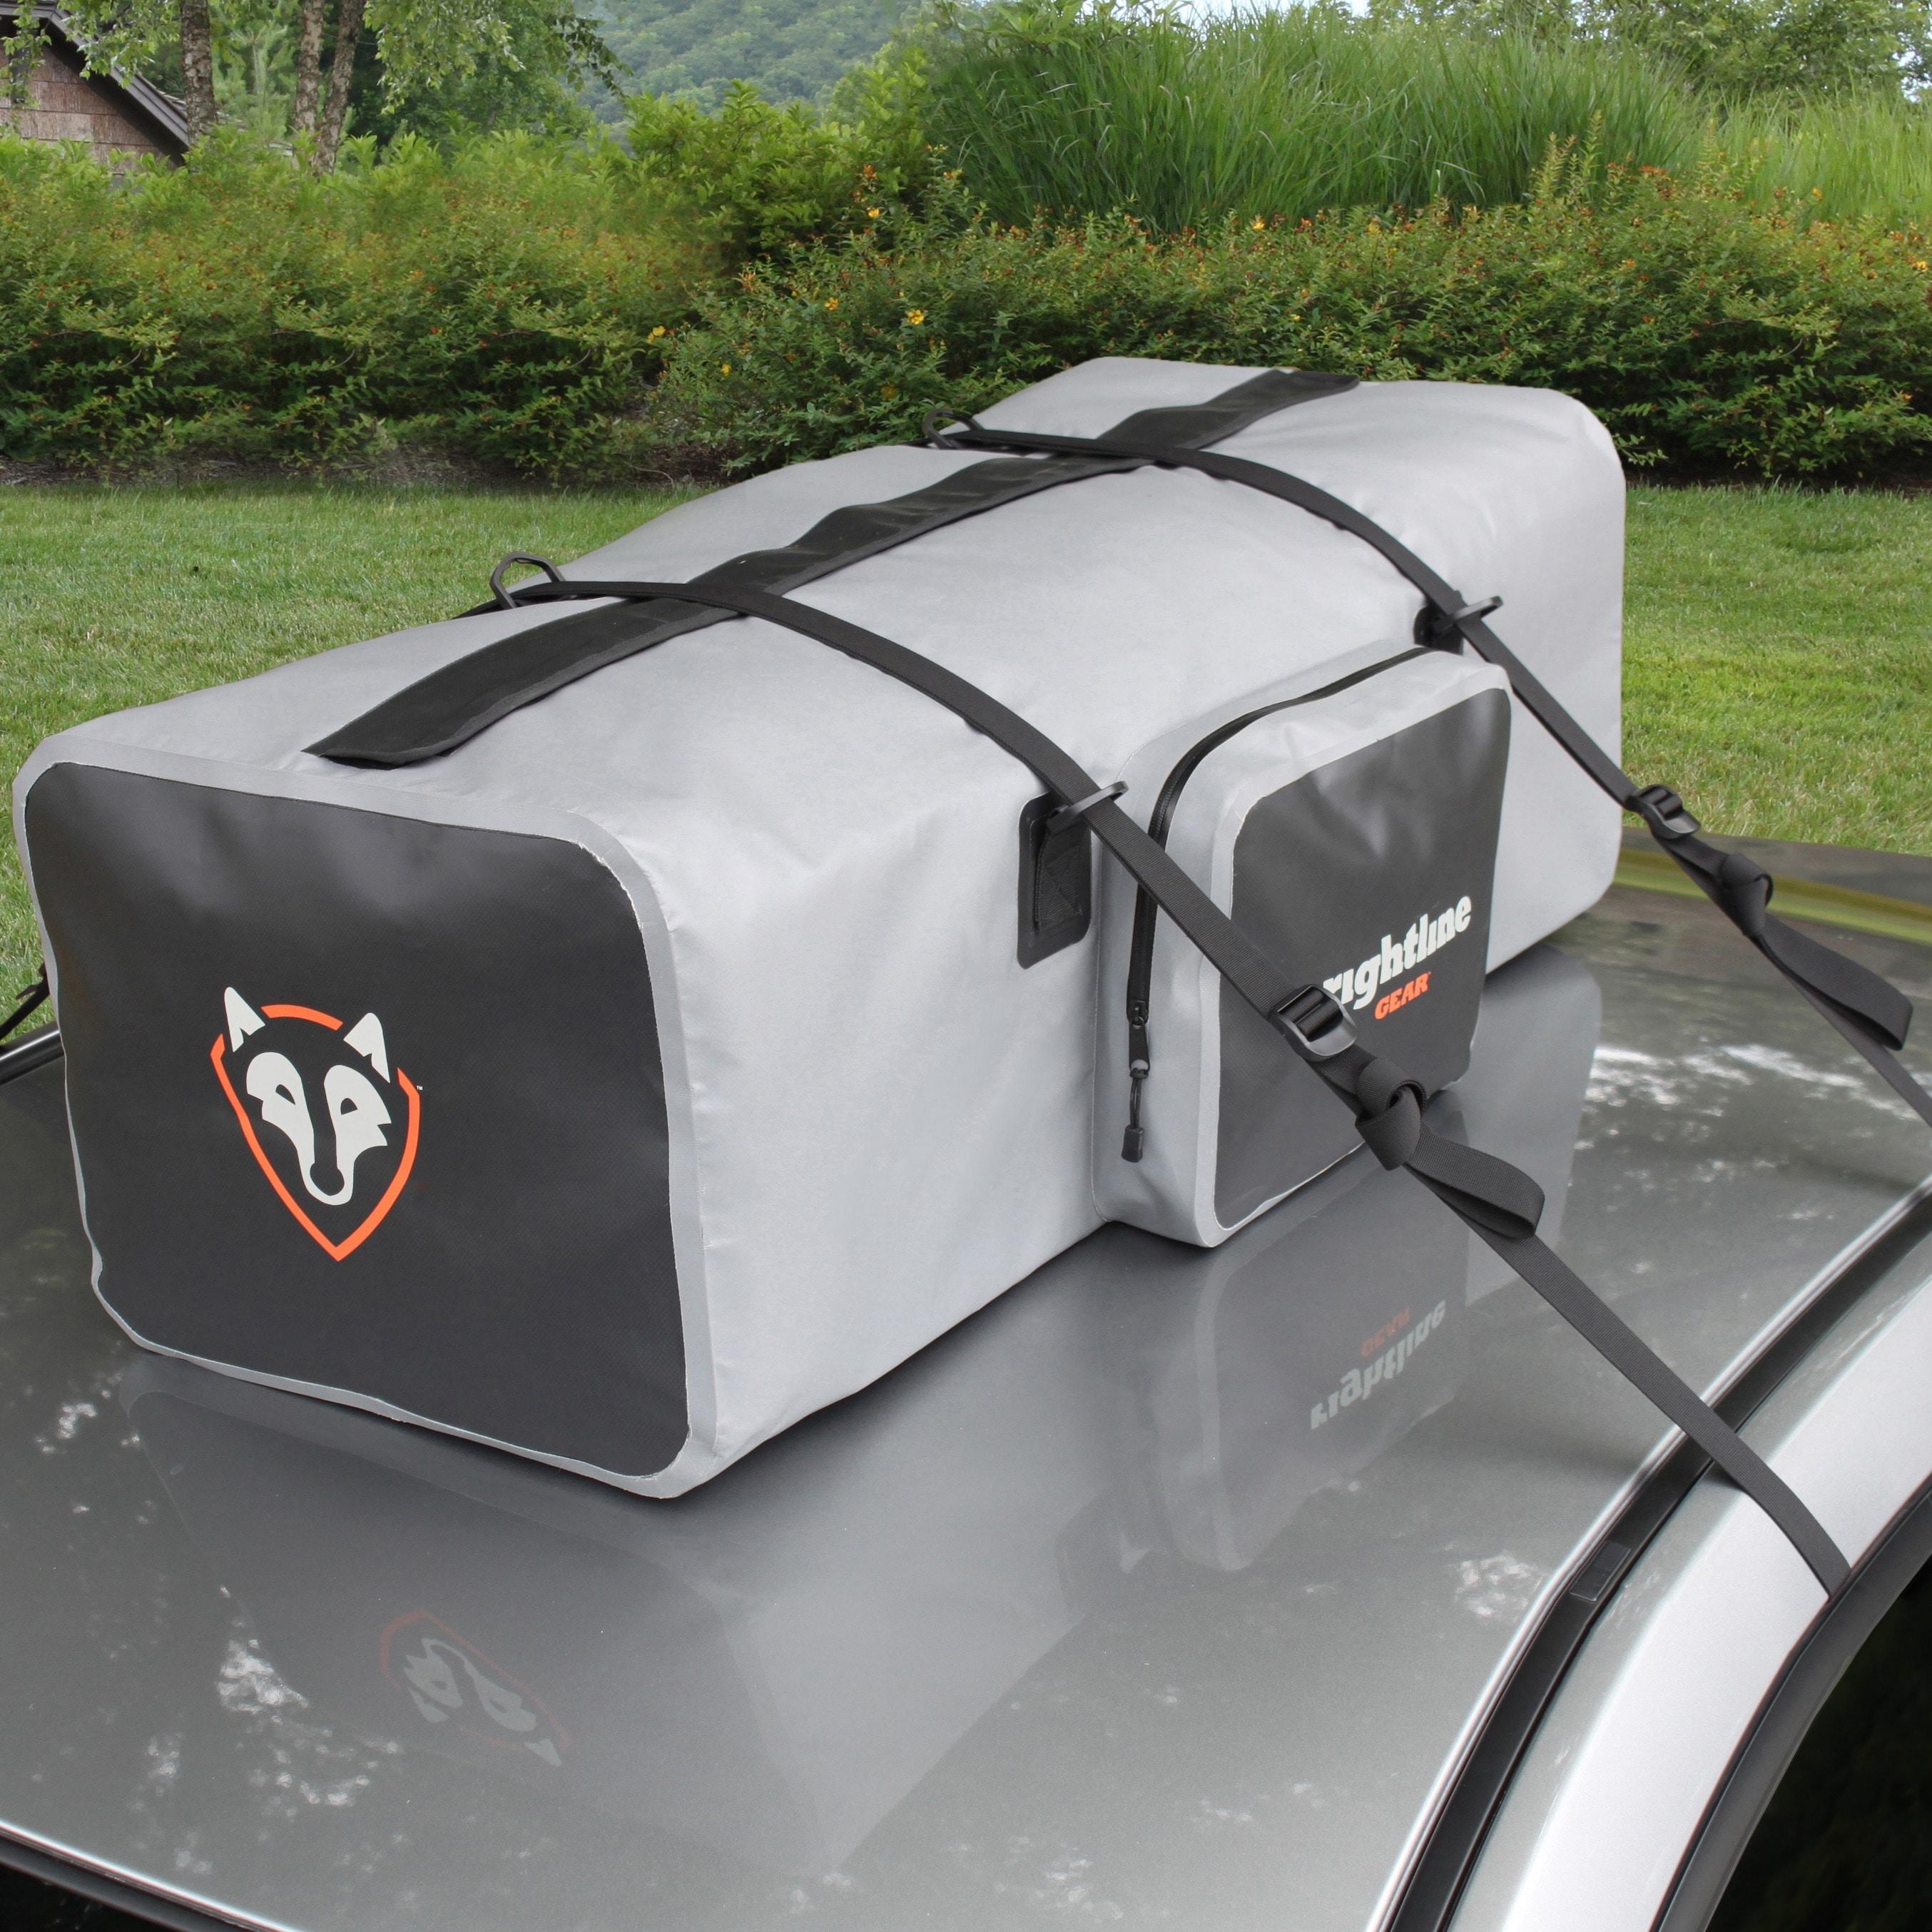 Rightline Gear Gray/Black Waterproof Car Top/Luggage Rack...